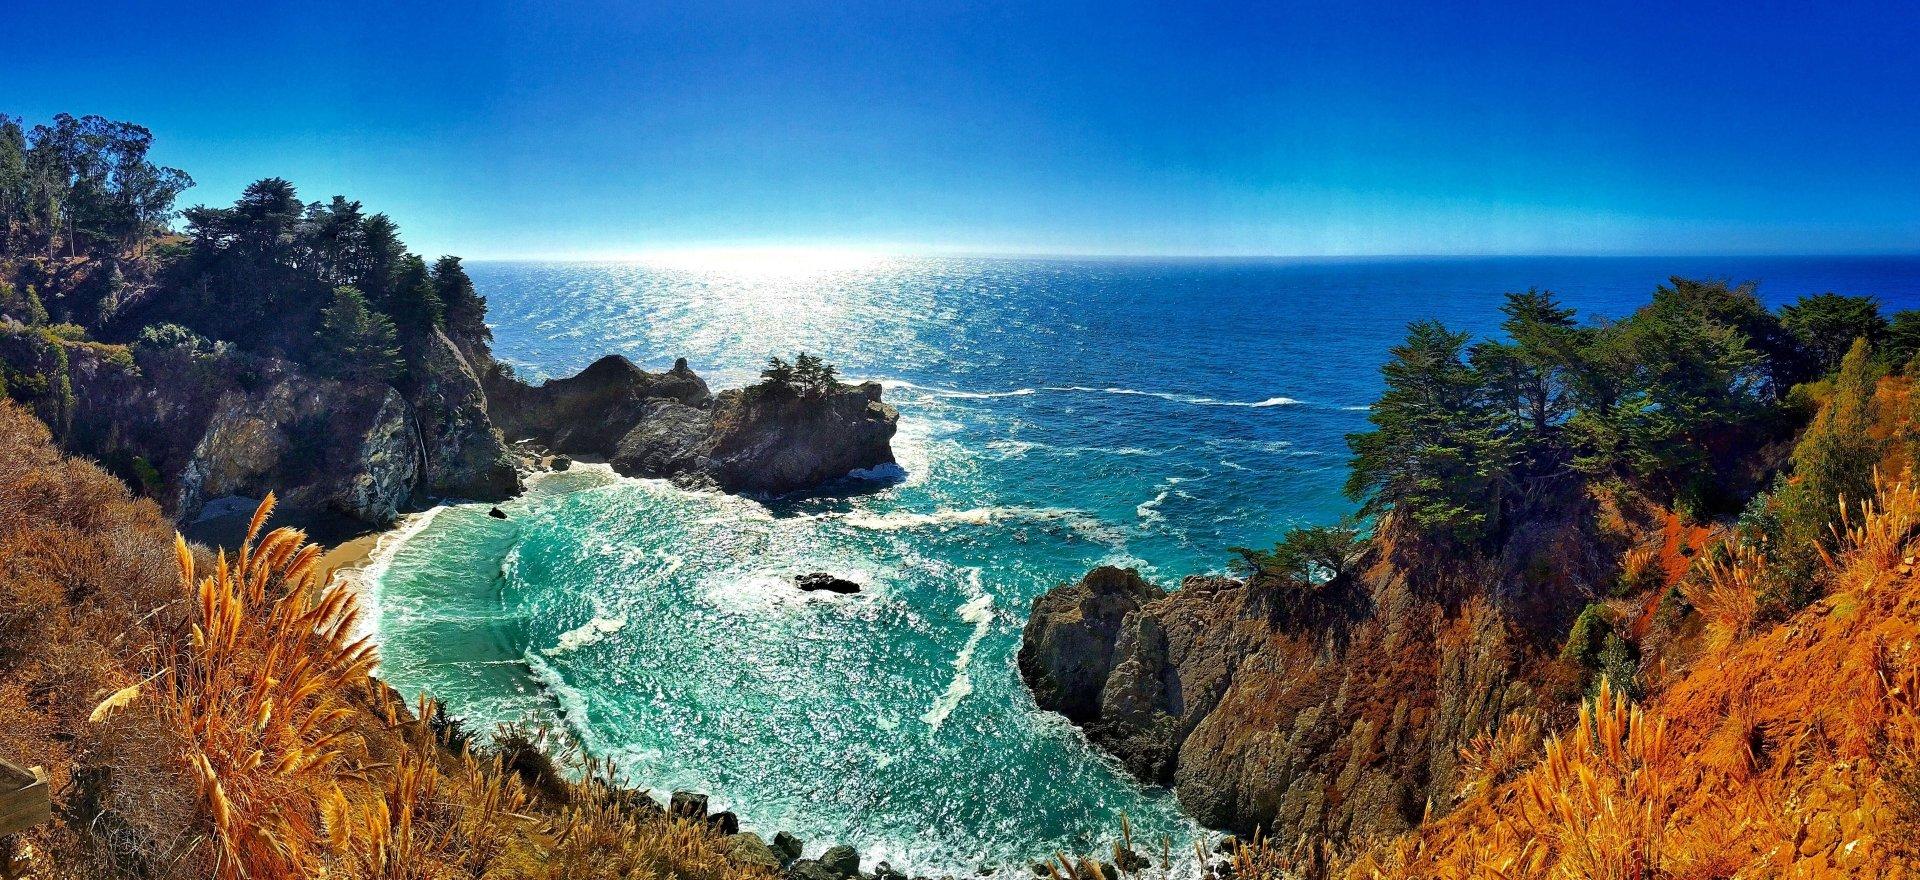 Earth - Big Sur  Earth Coast Coastline Ocean McWay Falls Rock Cliff Horizon Wallpaper